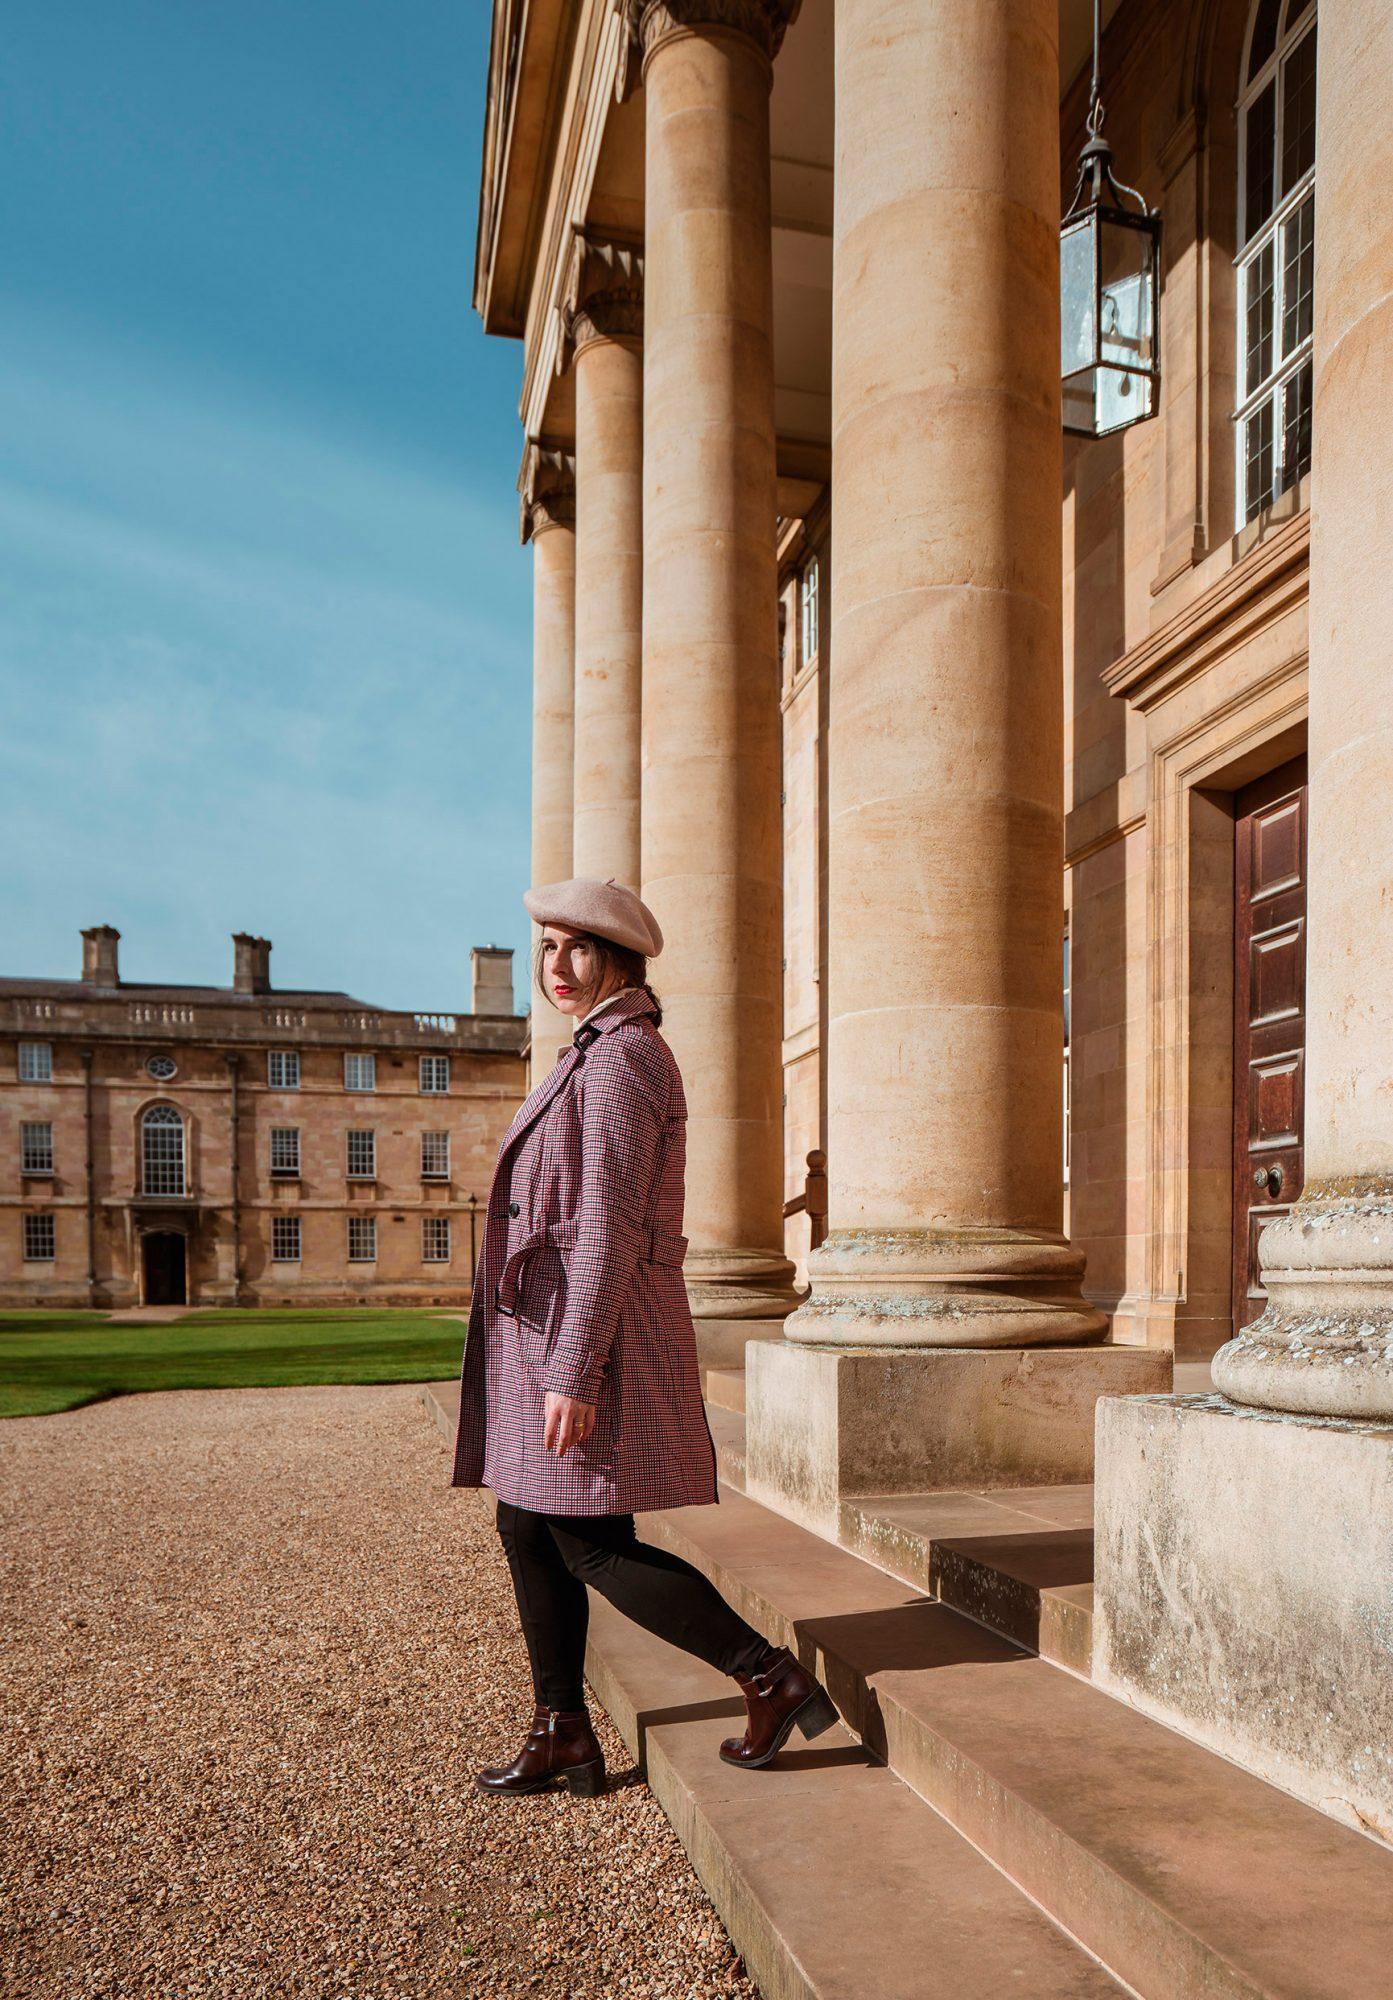 Double-coat look Stradivarius Houndstooth Trench-coat Cambridge